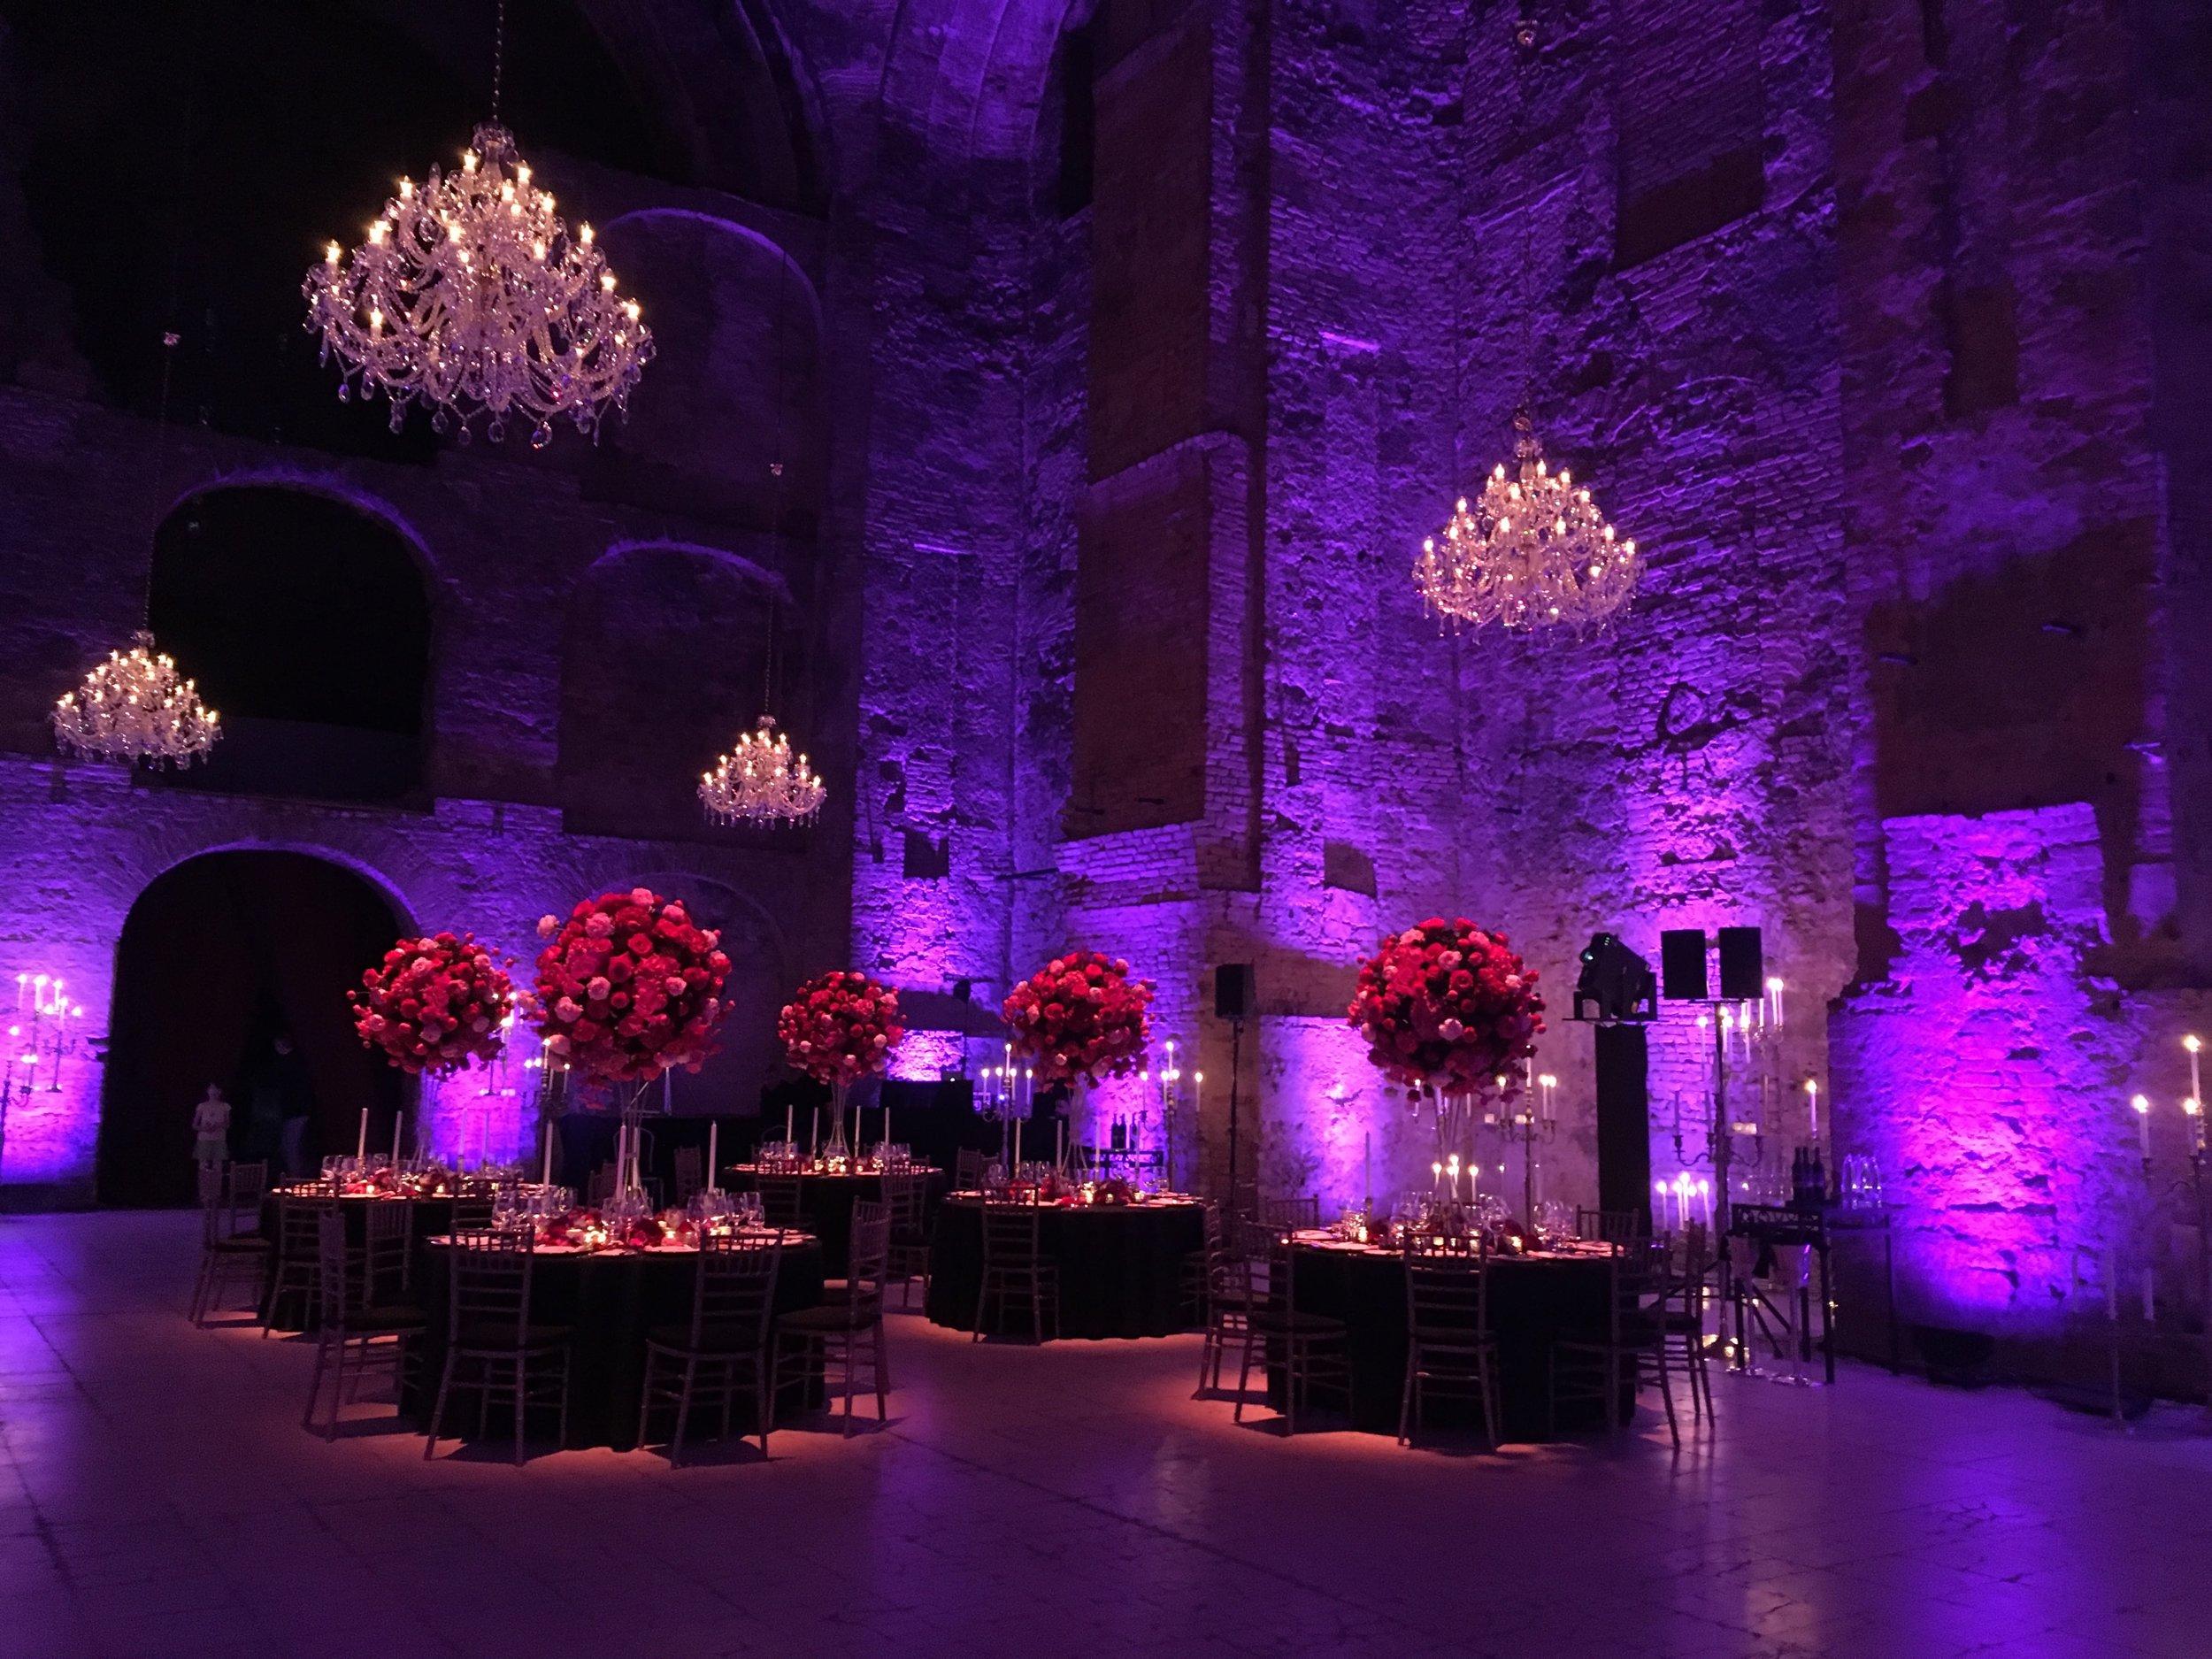 Wranovsky-chandeliers-Budapest-3.jpg